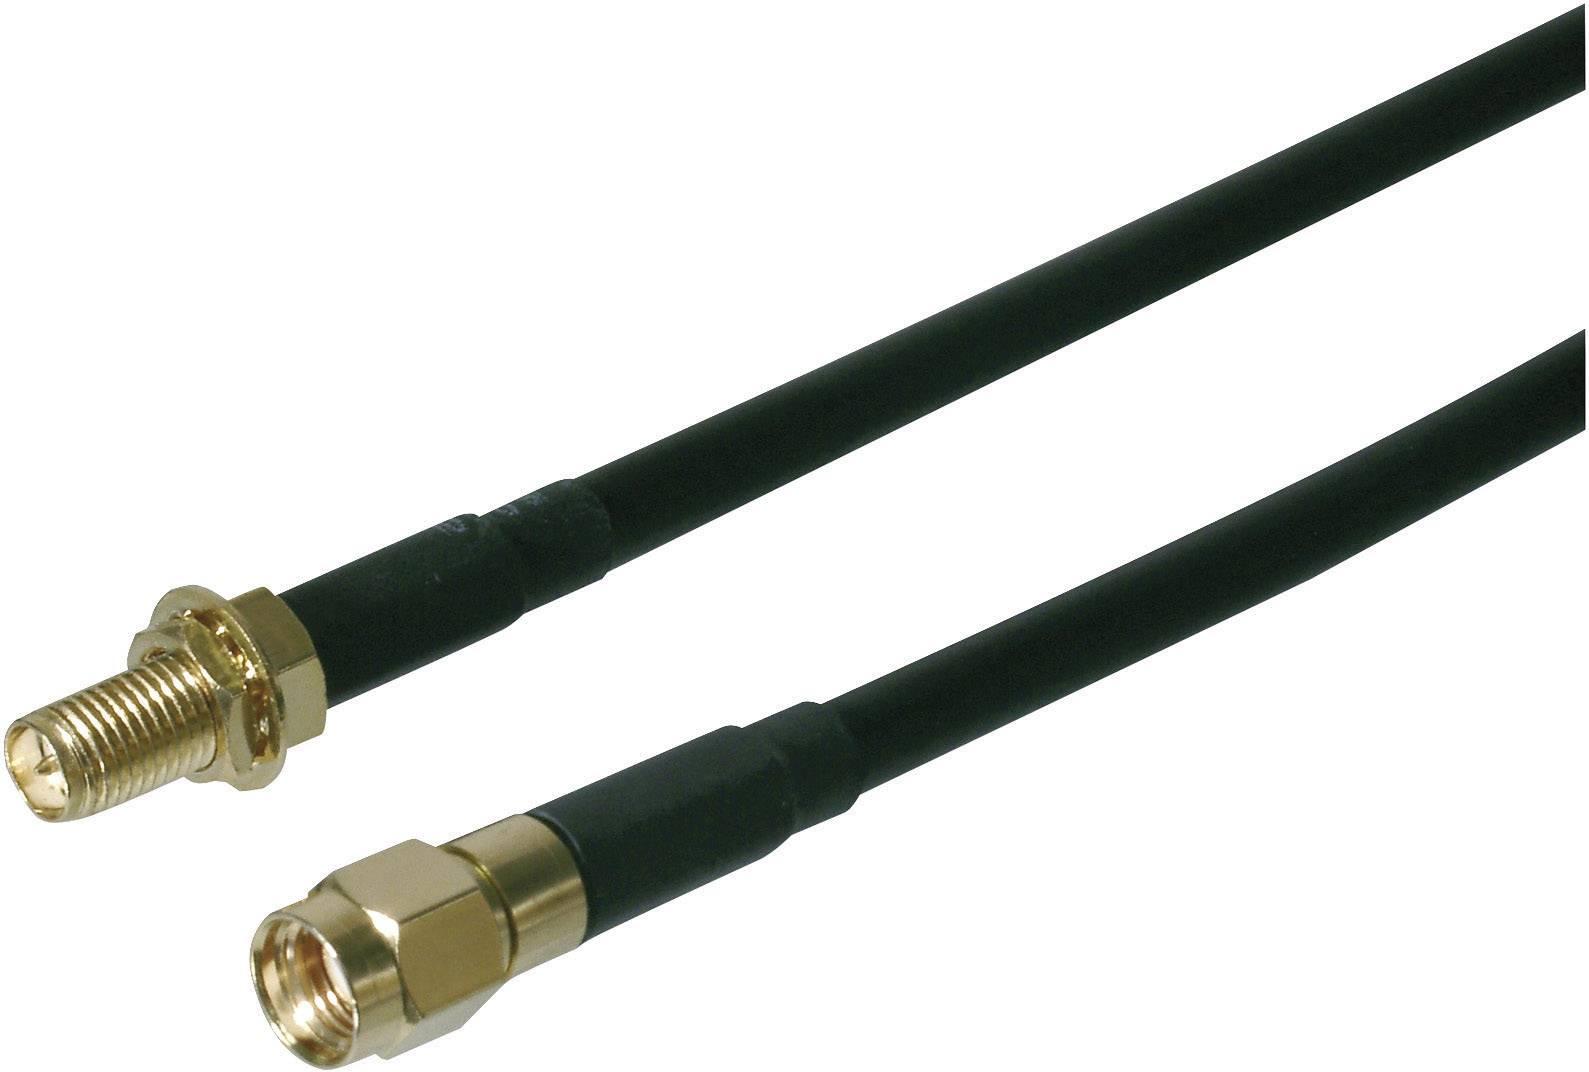 Predlžovací kábel pre Wi-Fi antény Digitus DB-560200-020-S, pozlátené kontakty, 2 m, čierna